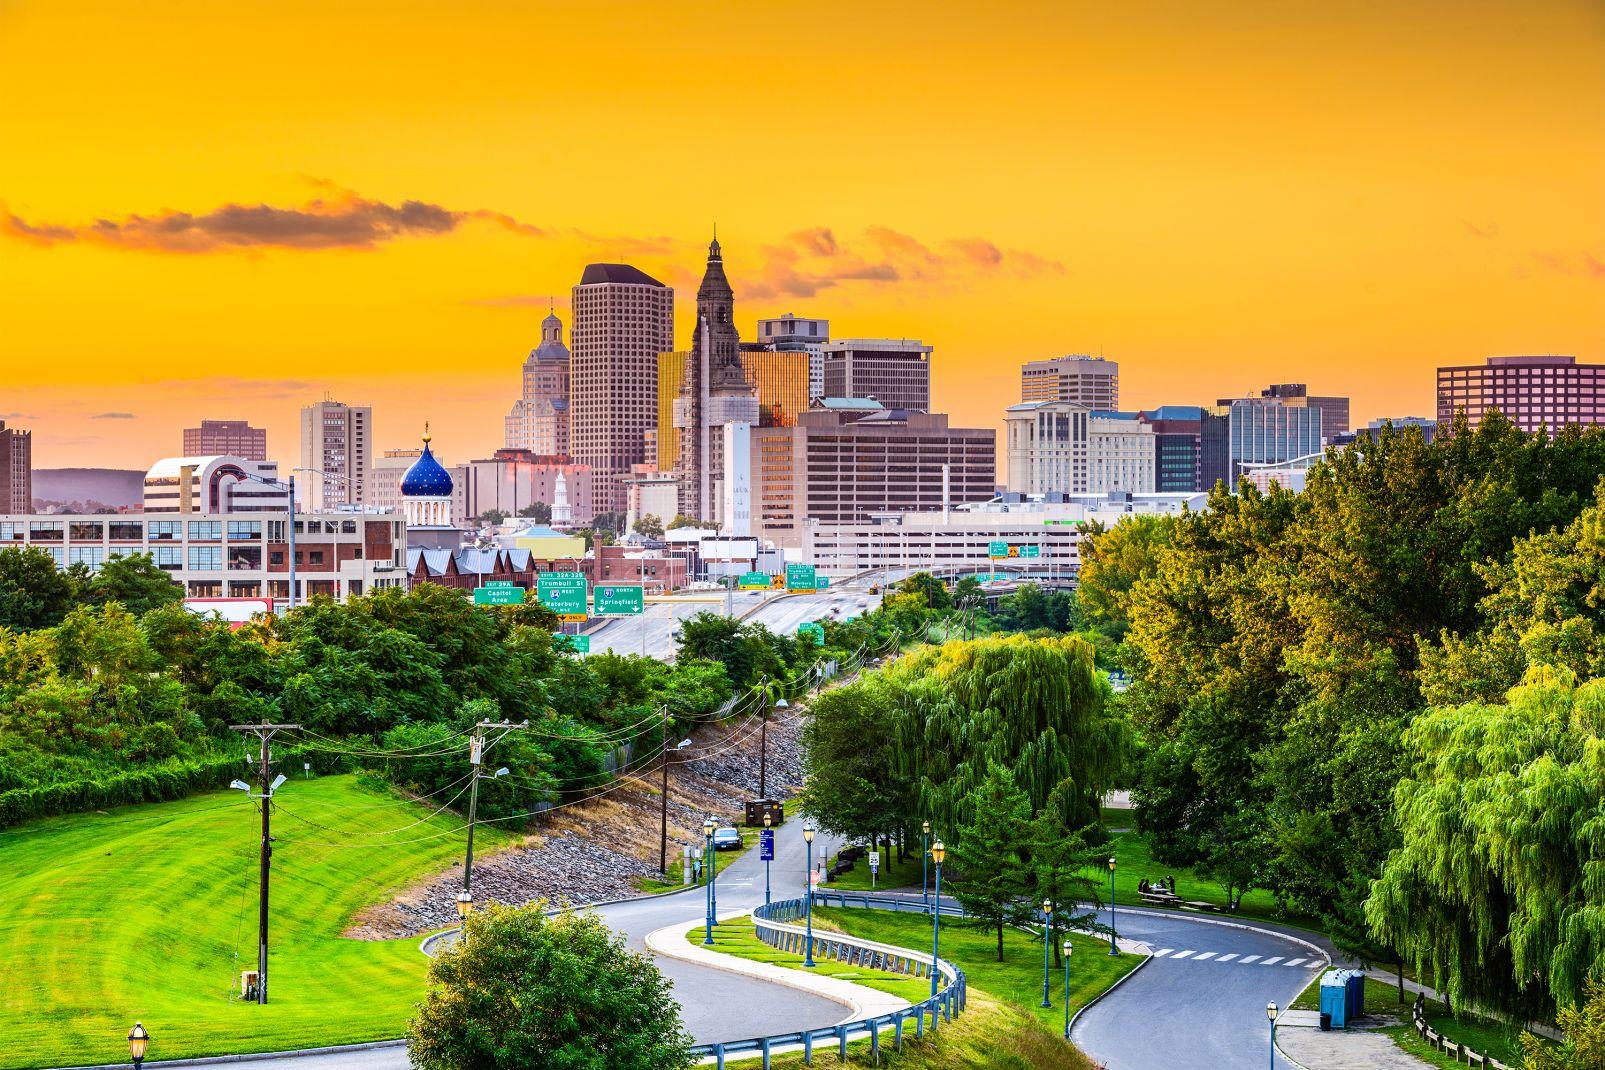 Hartford, Le nord-est des Etats-Unis, Etats-Unis, Hartford, Connecitcut